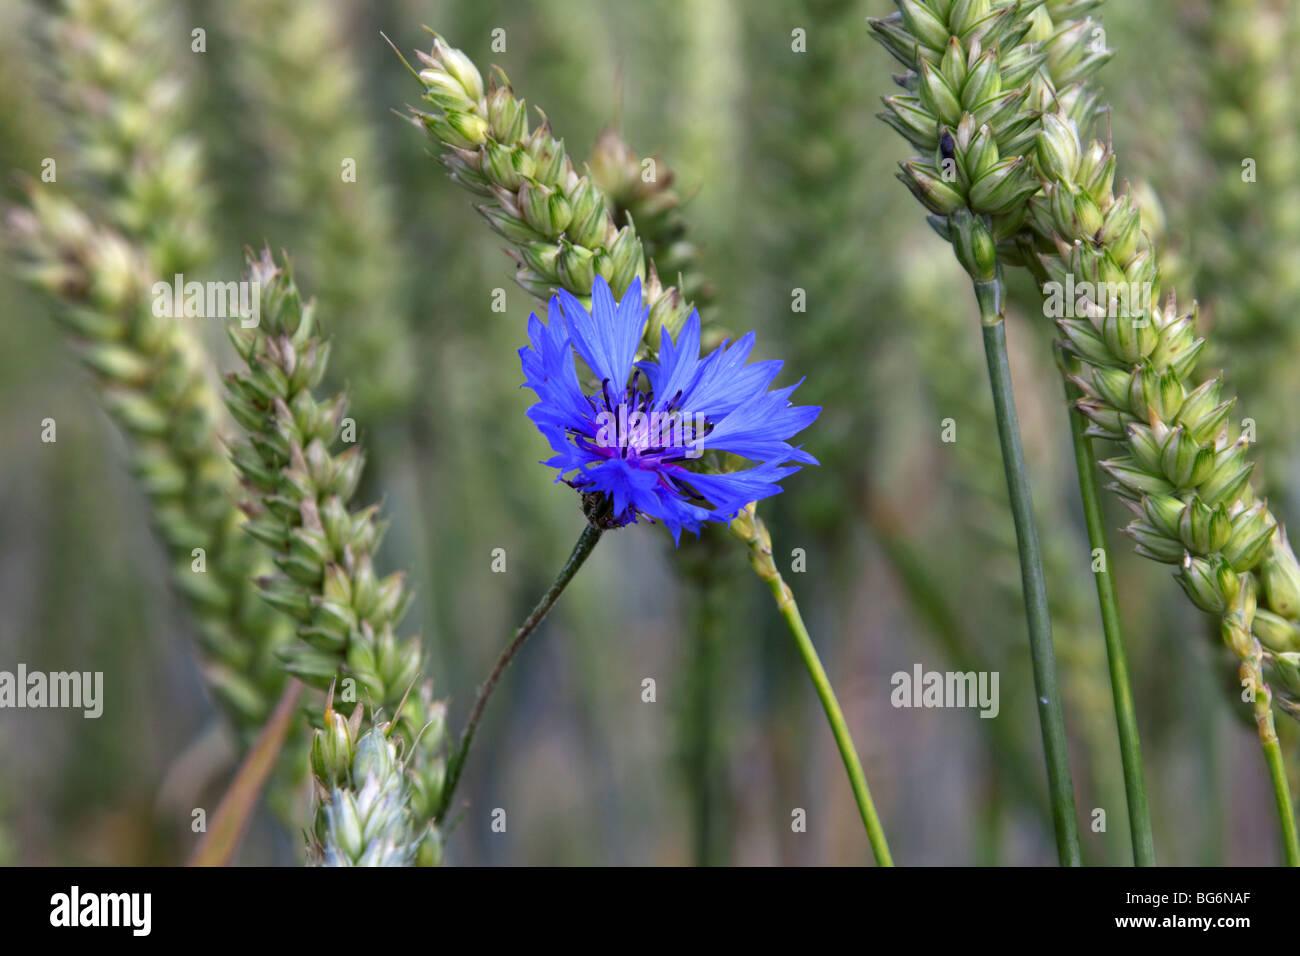 Cornflower (Centaurea cyanus) in flower in wheat field - Stock Image